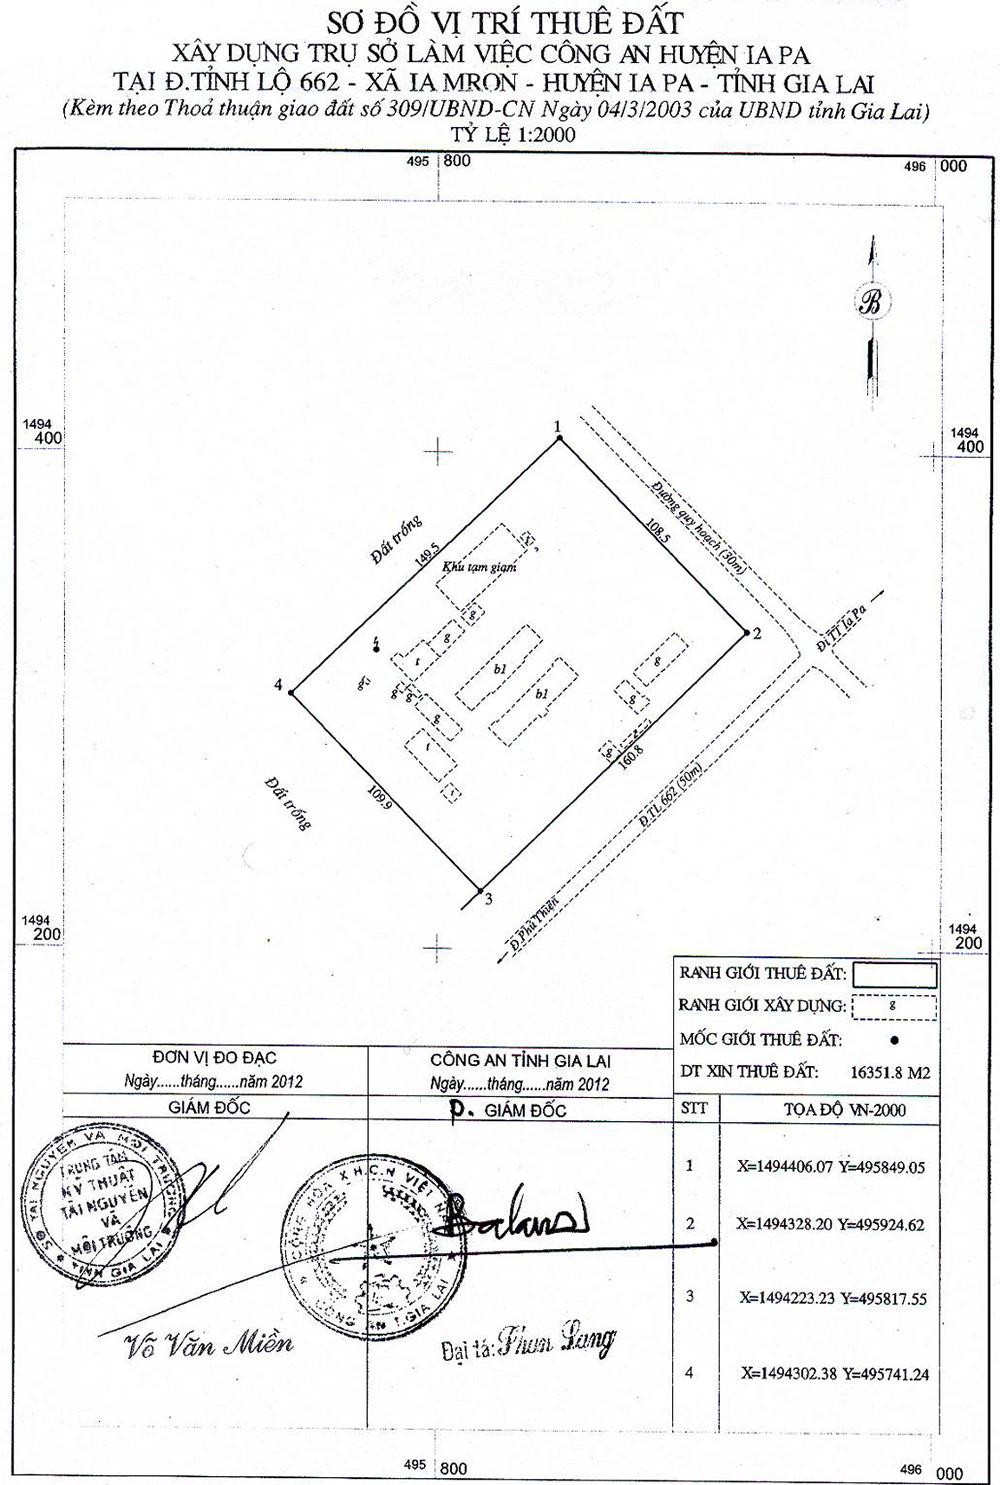 Quy hoạch trụ sở làm việc Công an huyện Iapa1